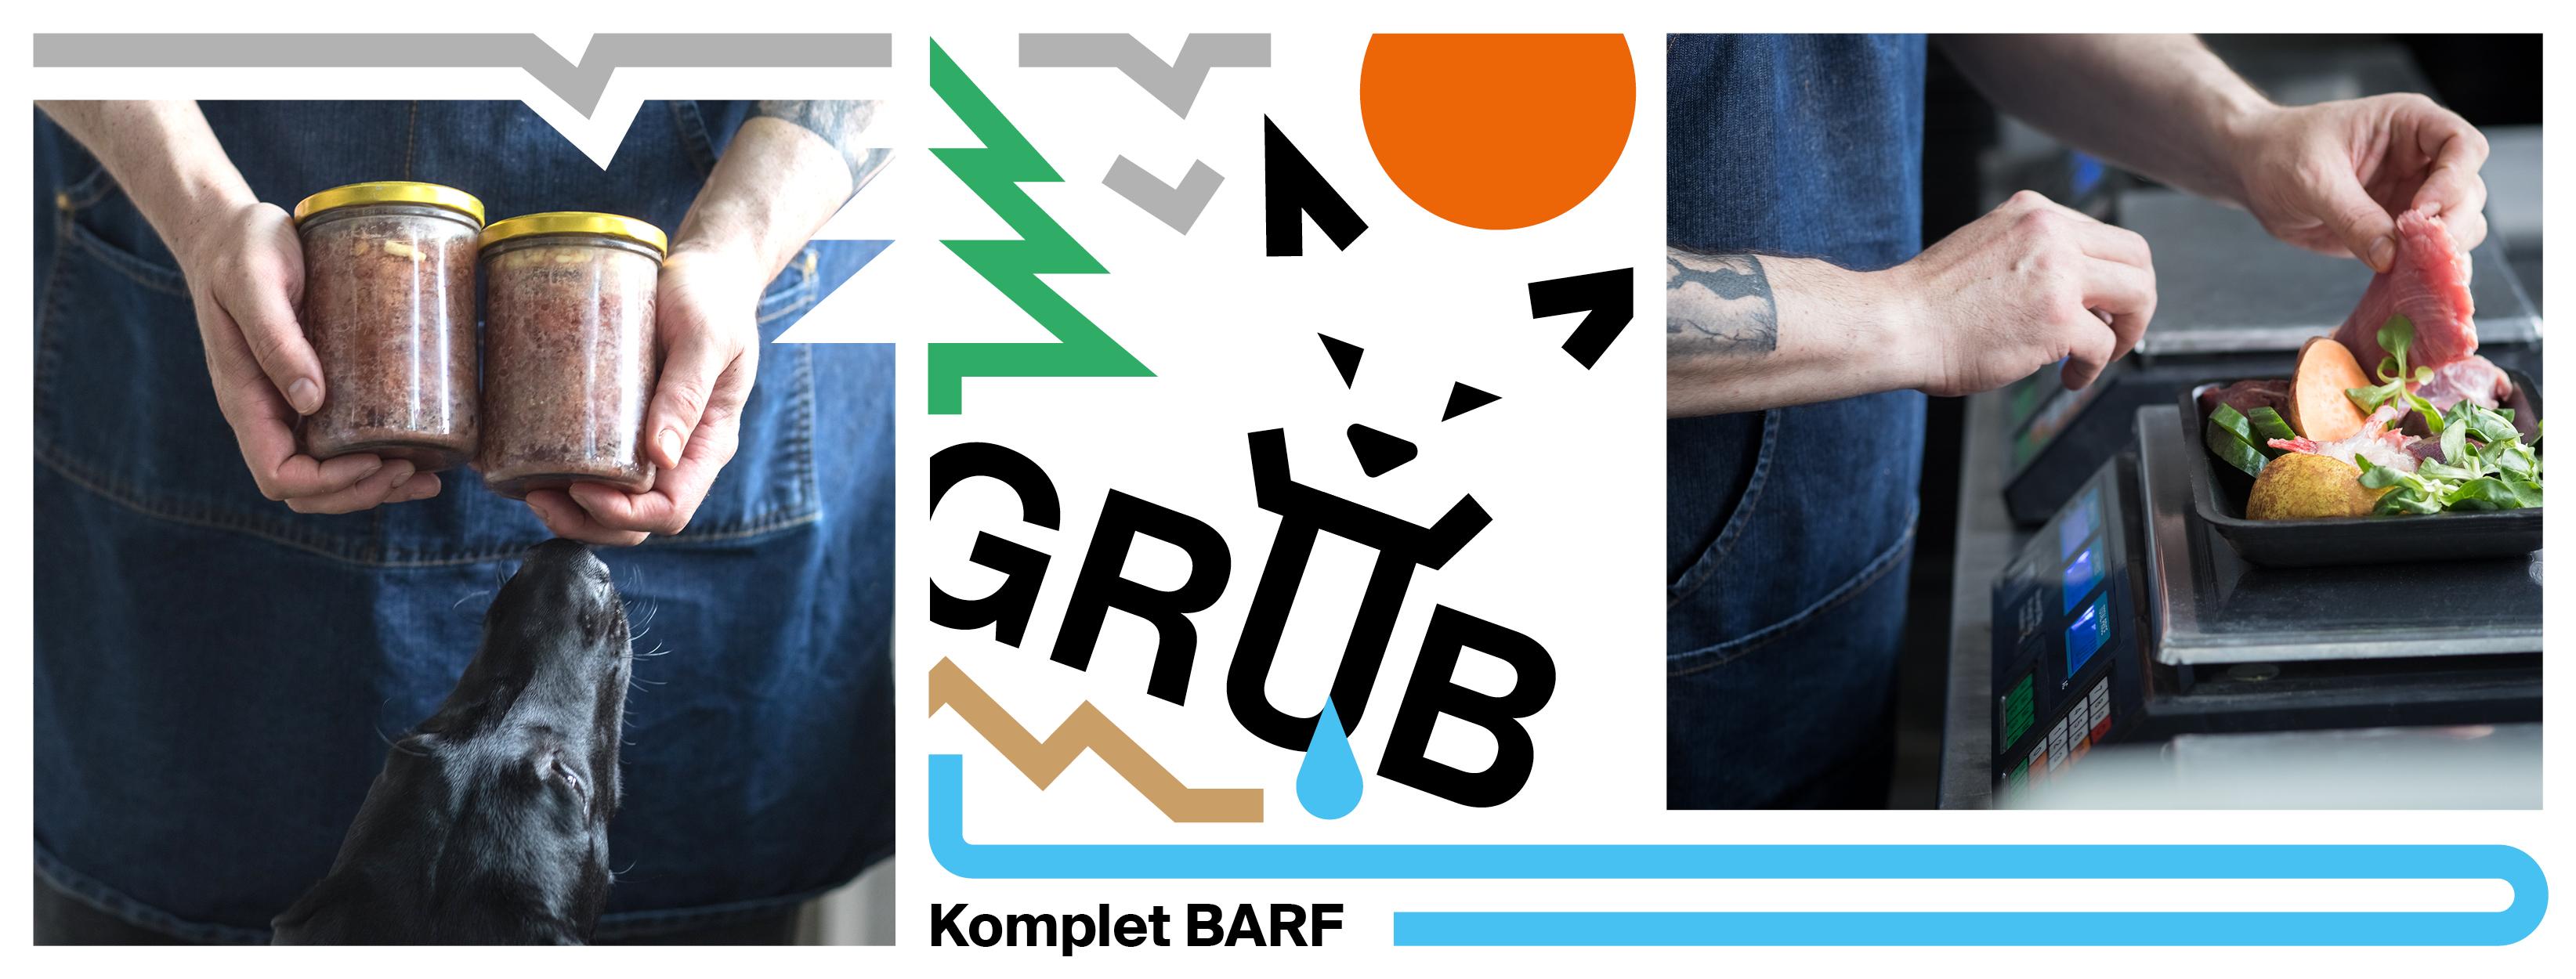 Grub-Barf2